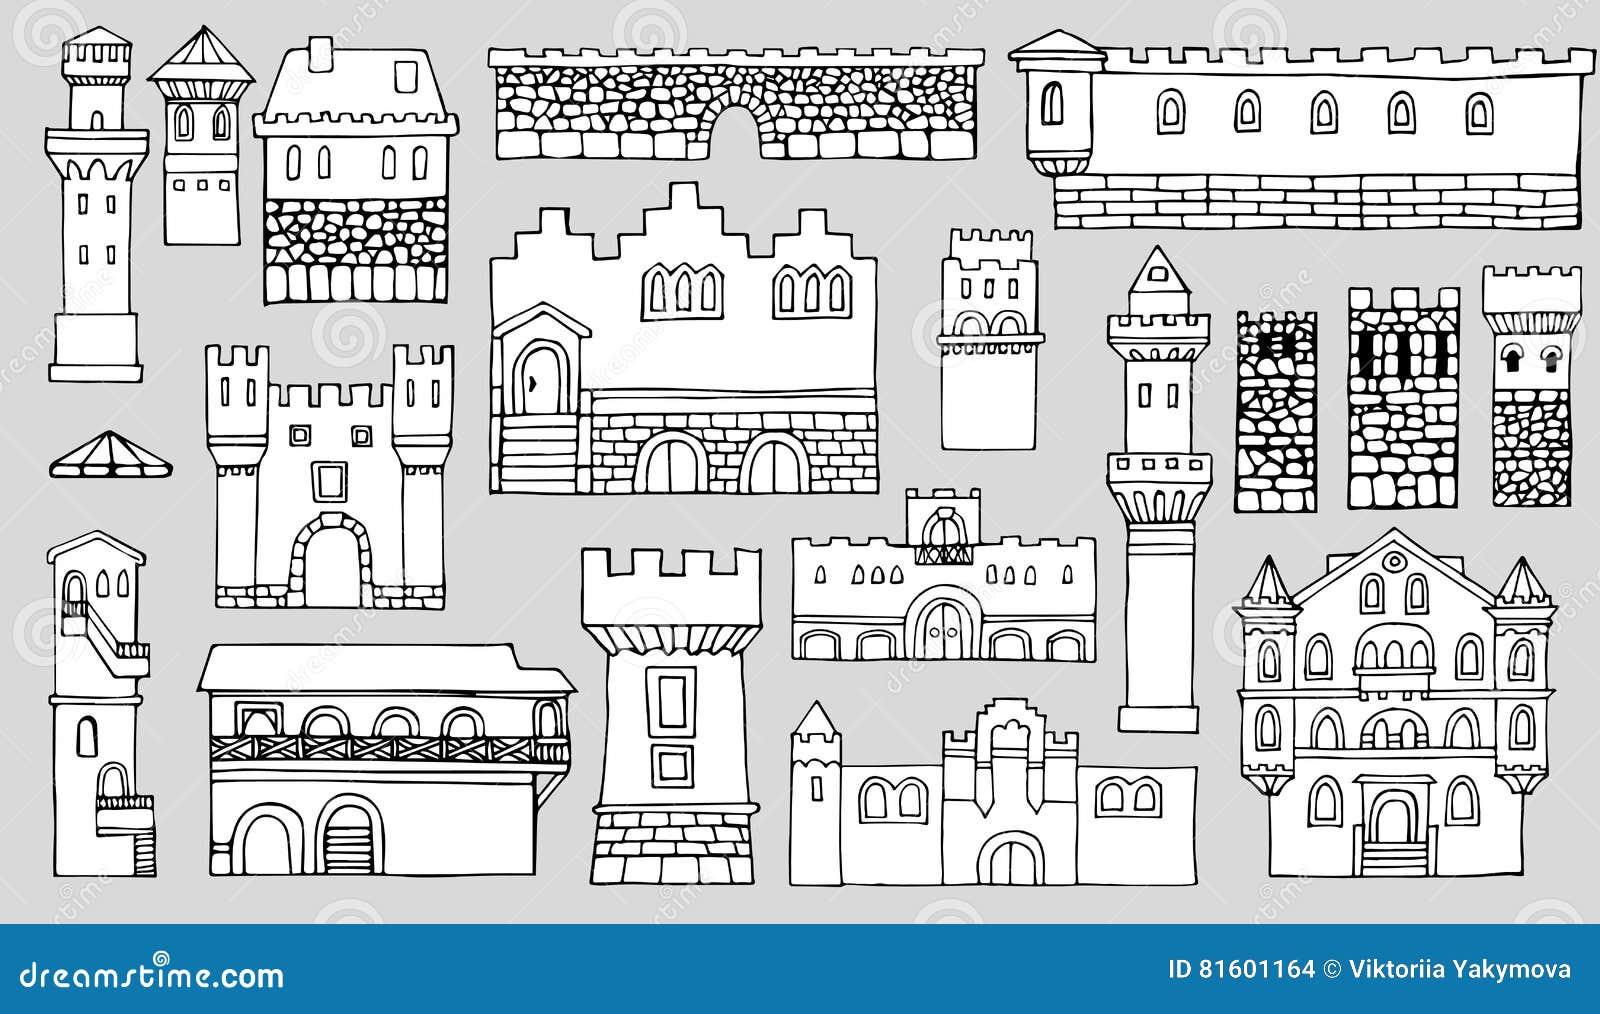 Dessin Au Trait Noir Et Blanc éléments Architecturaux De